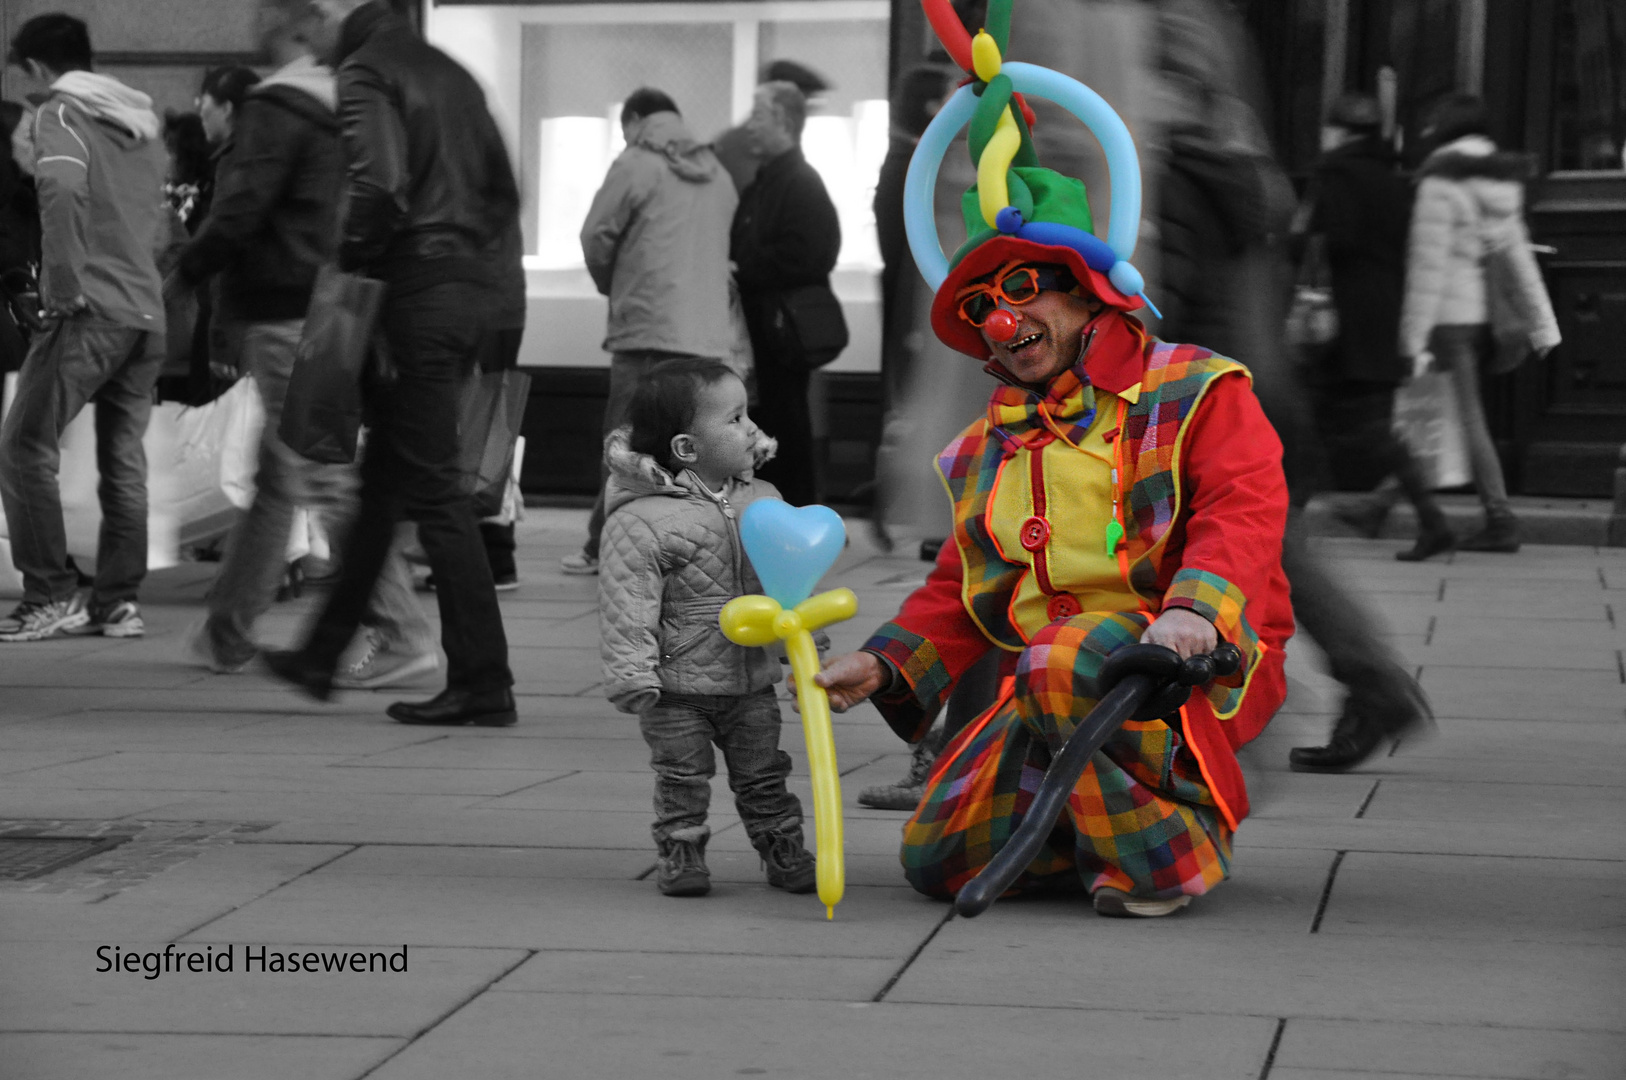 ein Clown bringt Farbe ins Leben